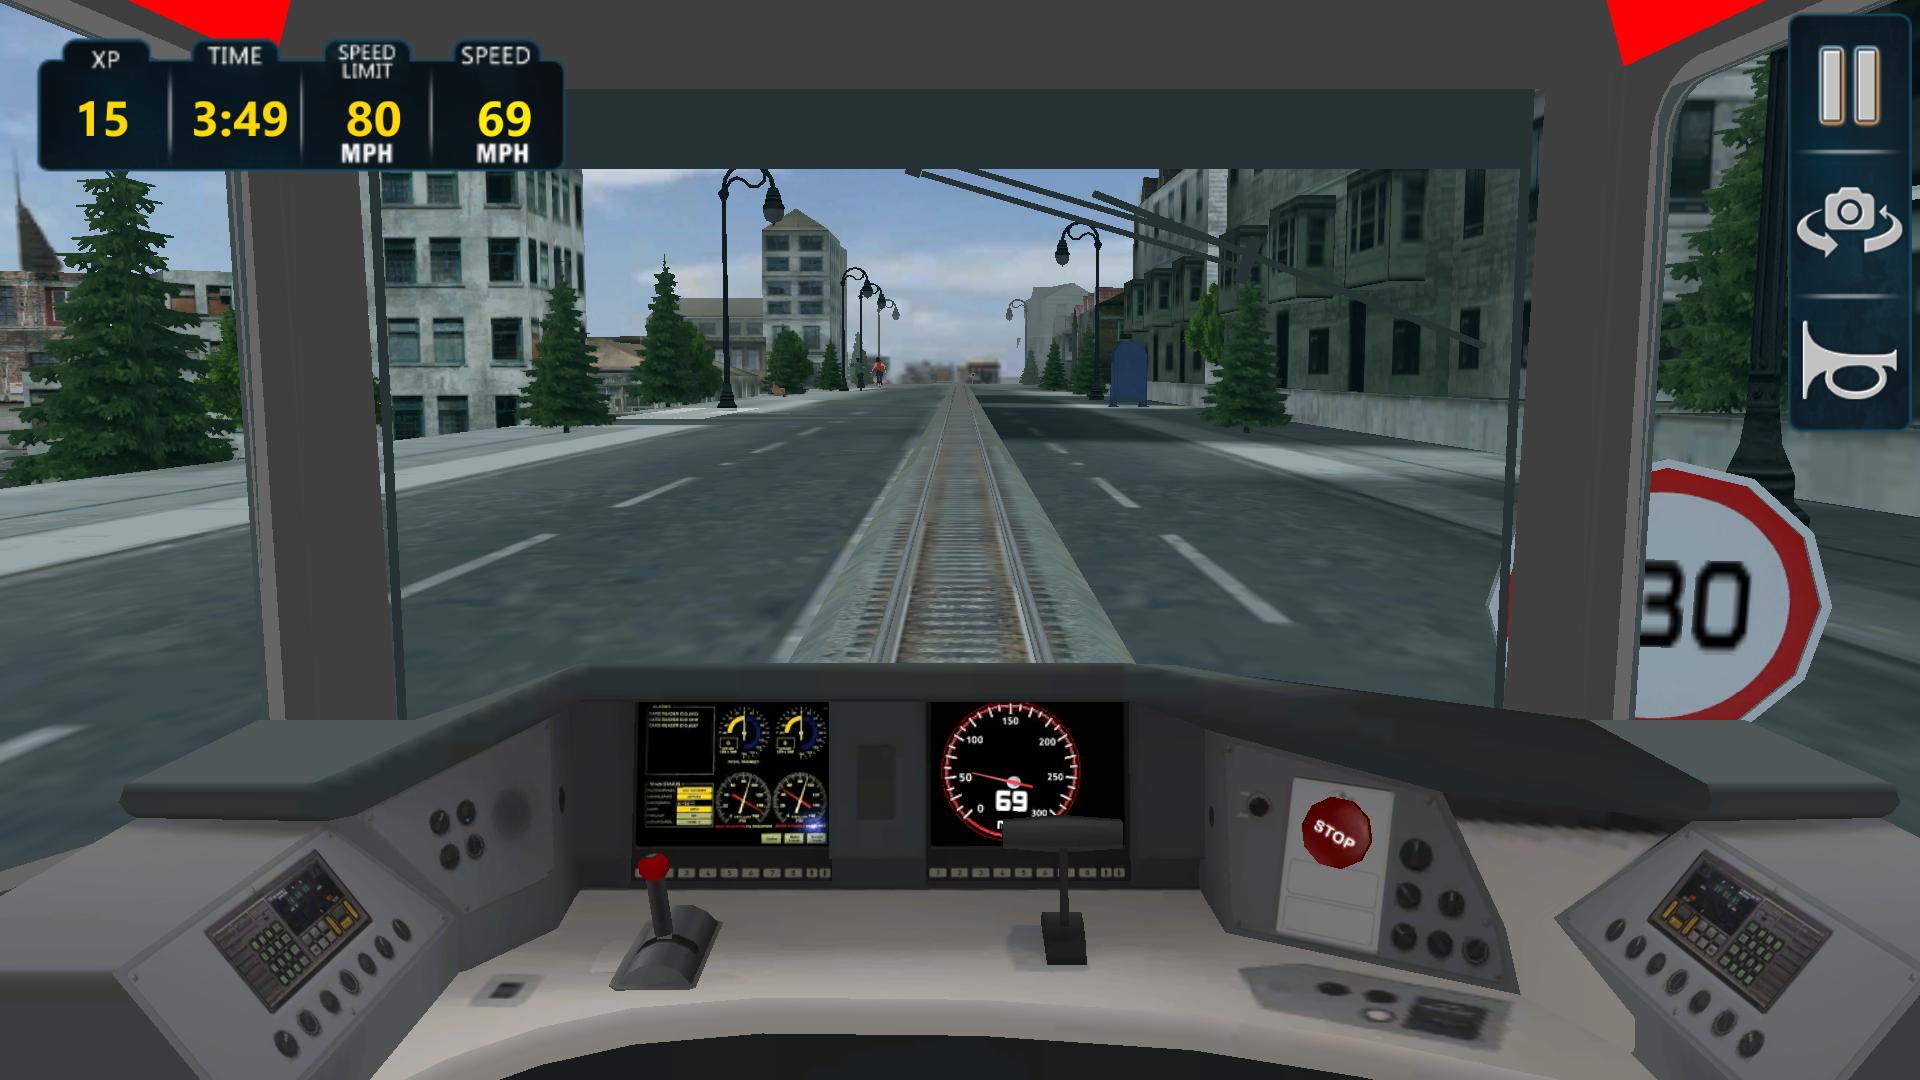 Скачать игру симулятор trainz simulator 2017